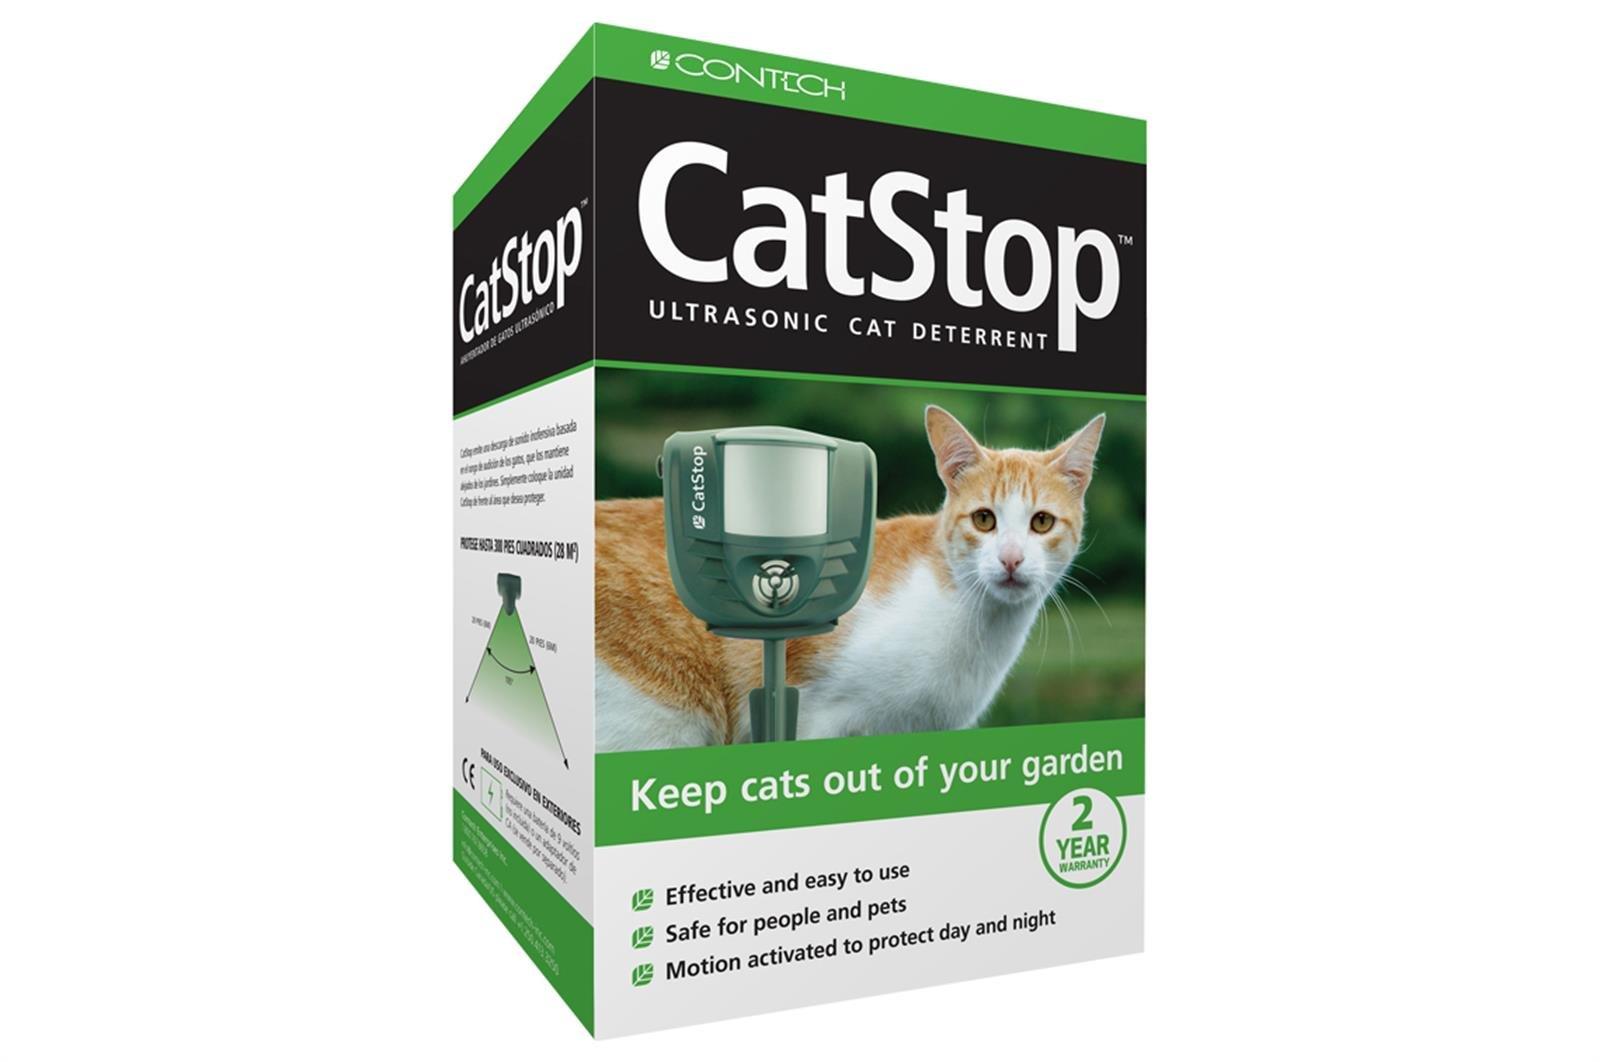 Catstop Cat Deterrent Nixalite